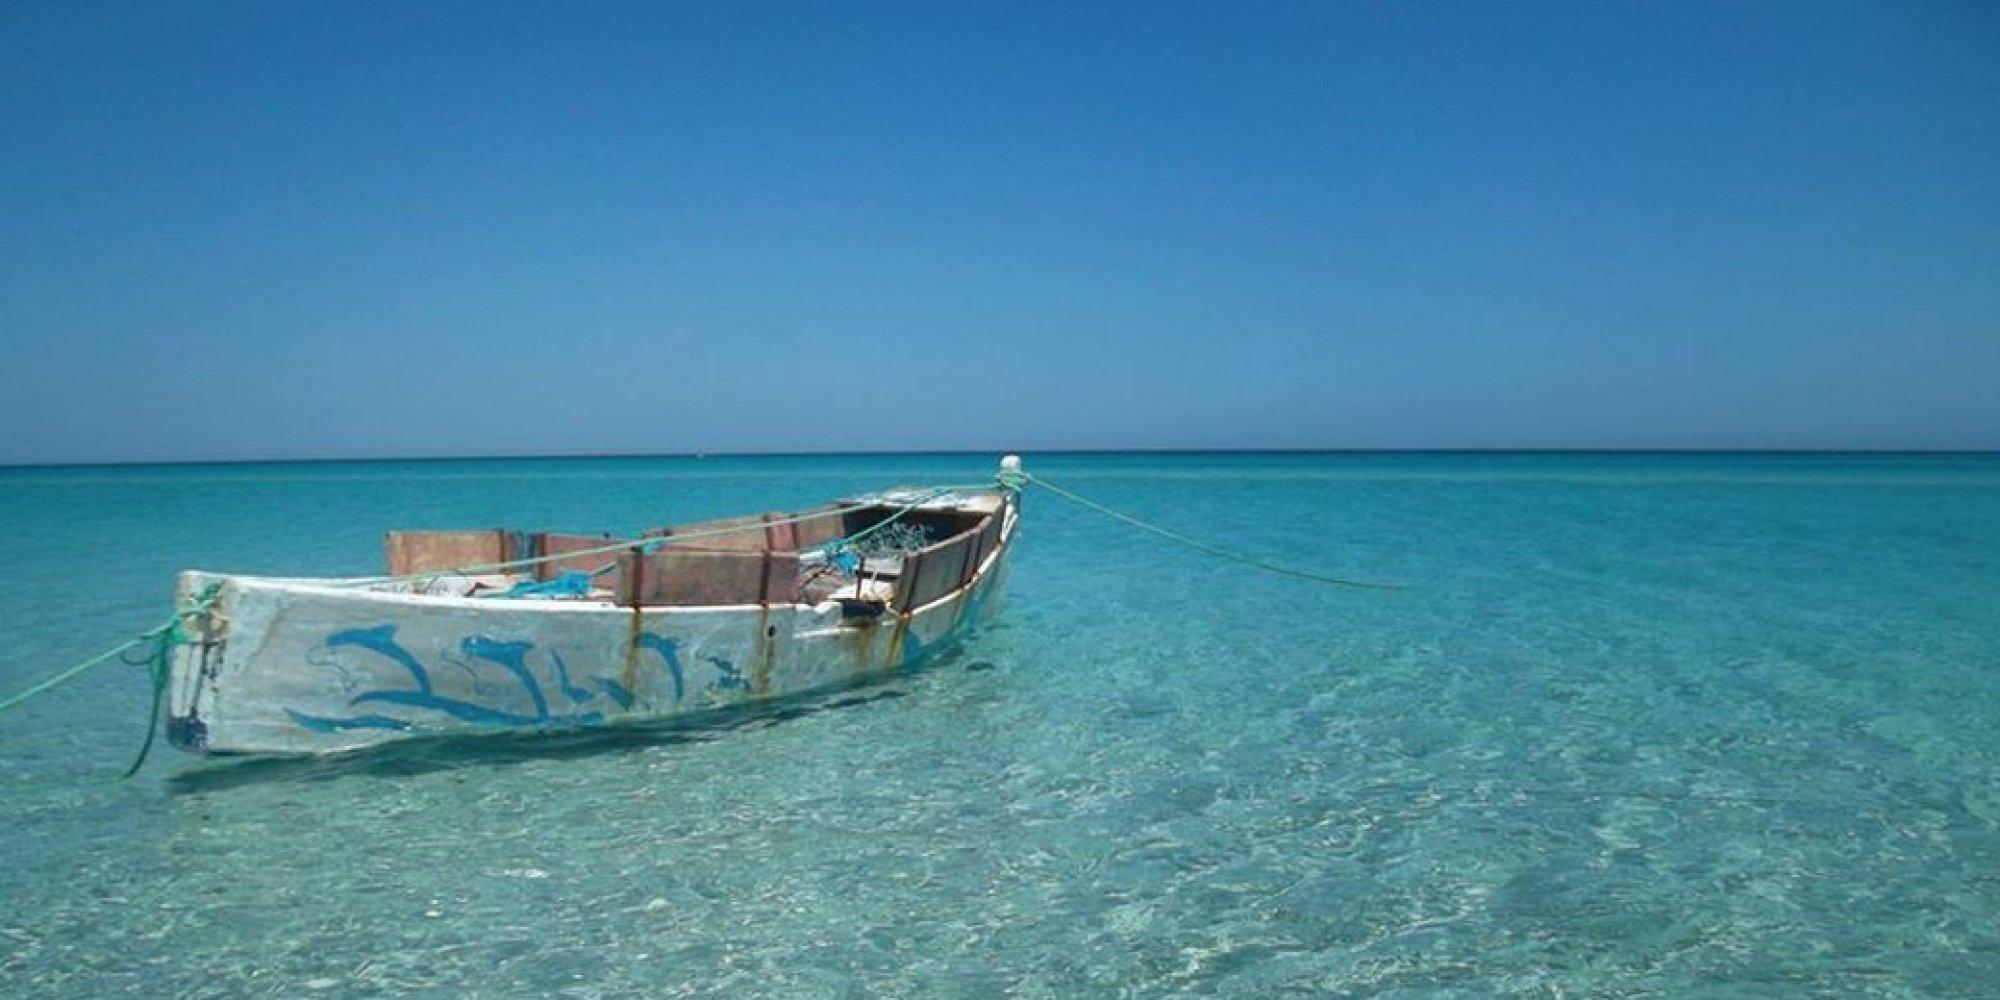 Les plus belles plages de tunisie en 2015 for Les plus belles suites parentales